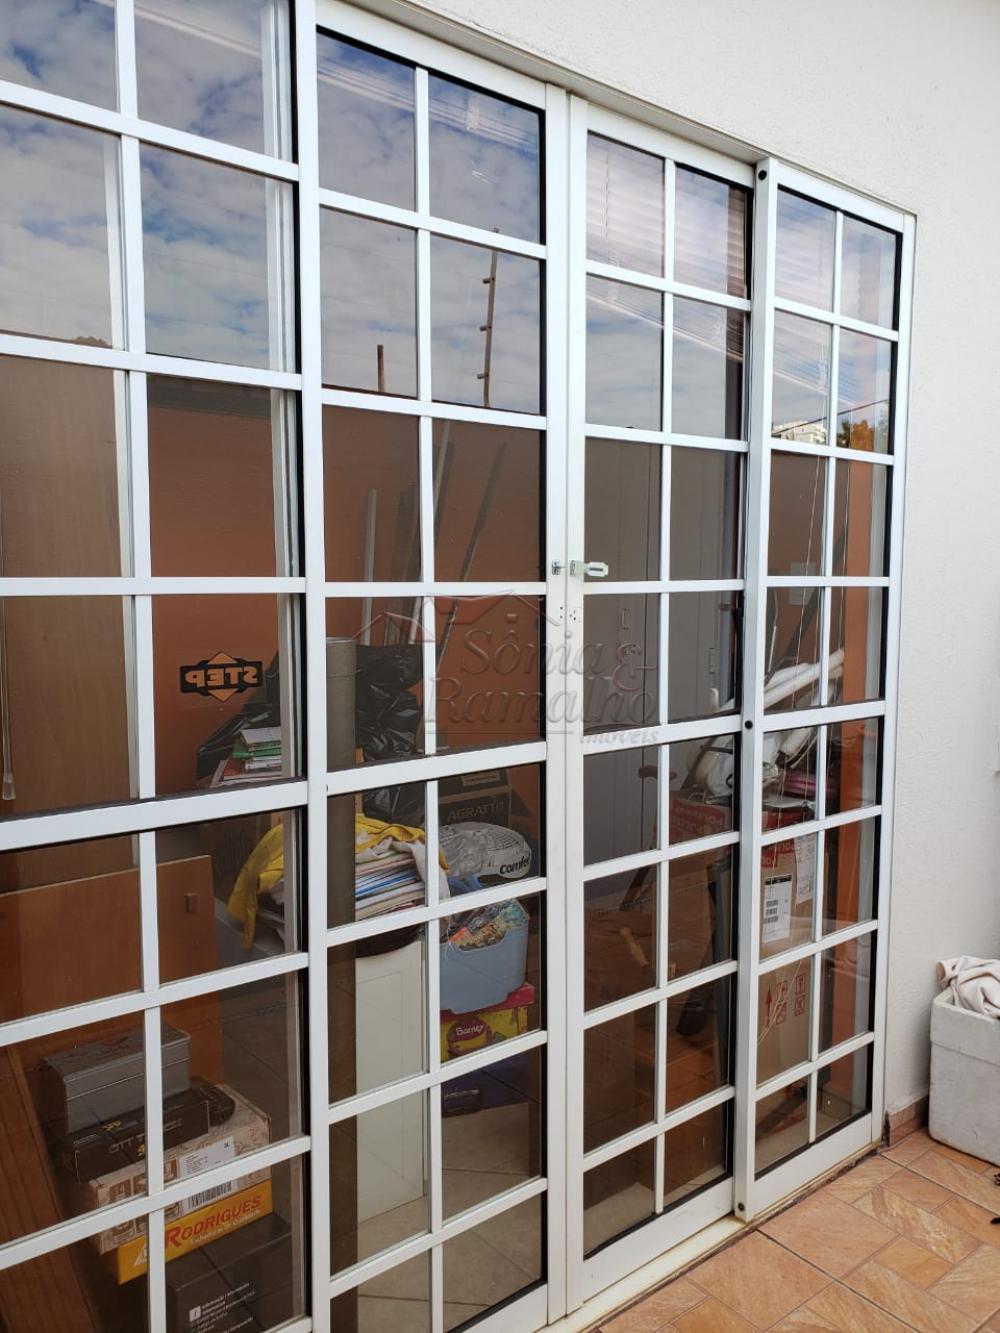 Comprar Casas / Padrão em Ribeirão Preto apenas R$ 580.000,00 - Foto 24